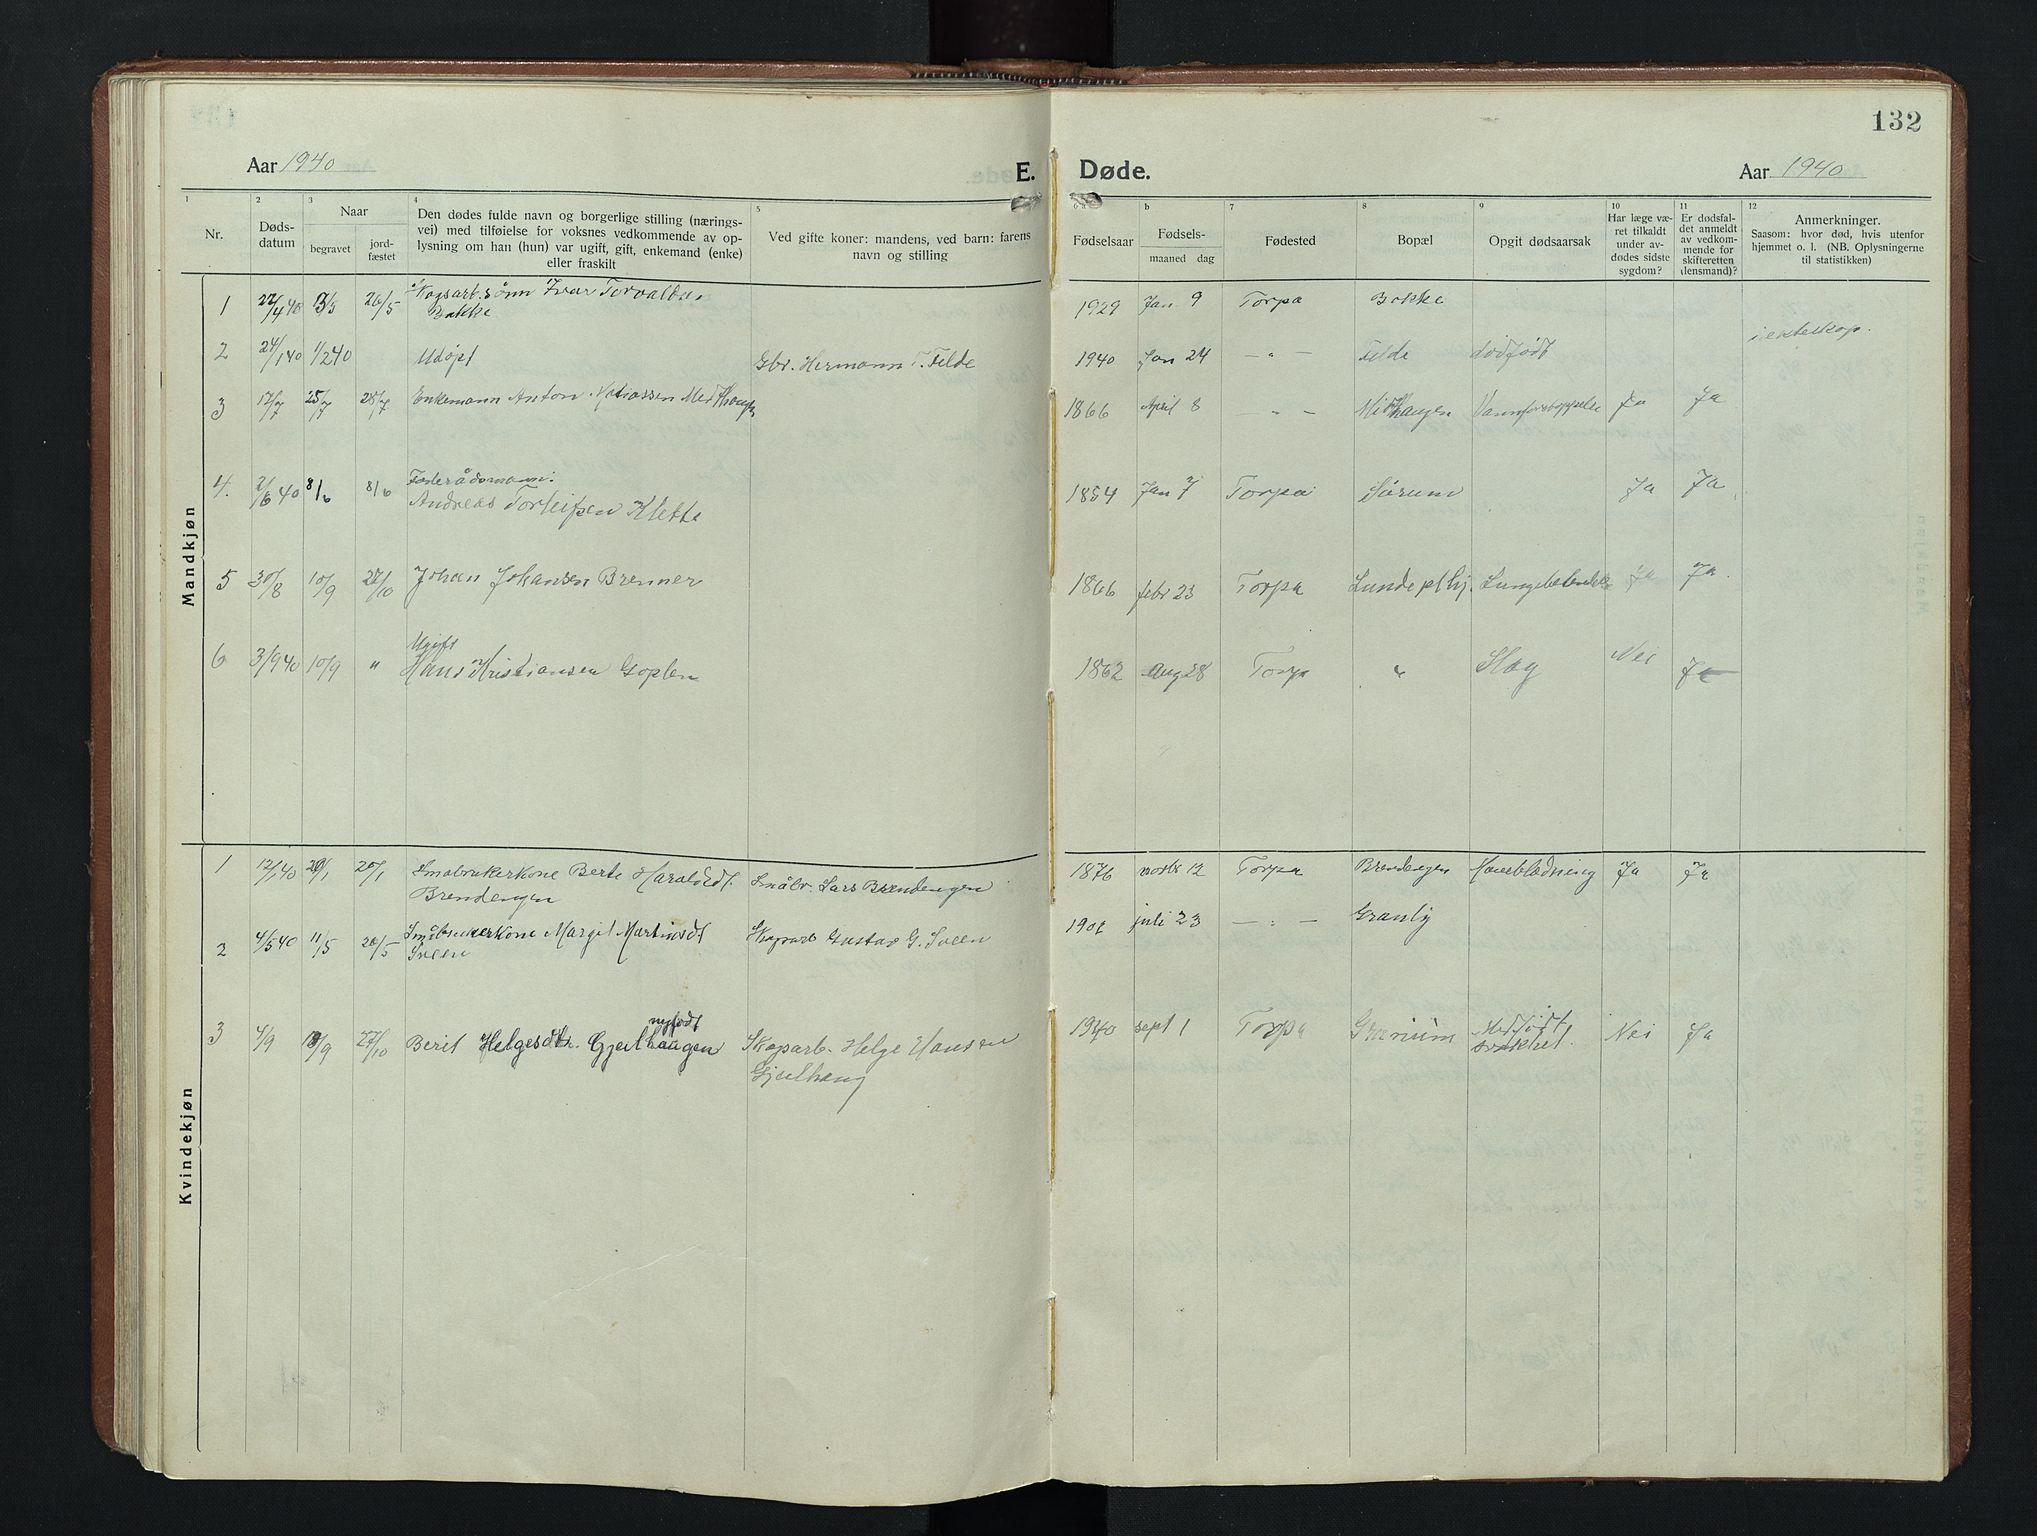 SAH, Nordre Land prestekontor, Klokkerbok nr. 9, 1921-1956, s. 132